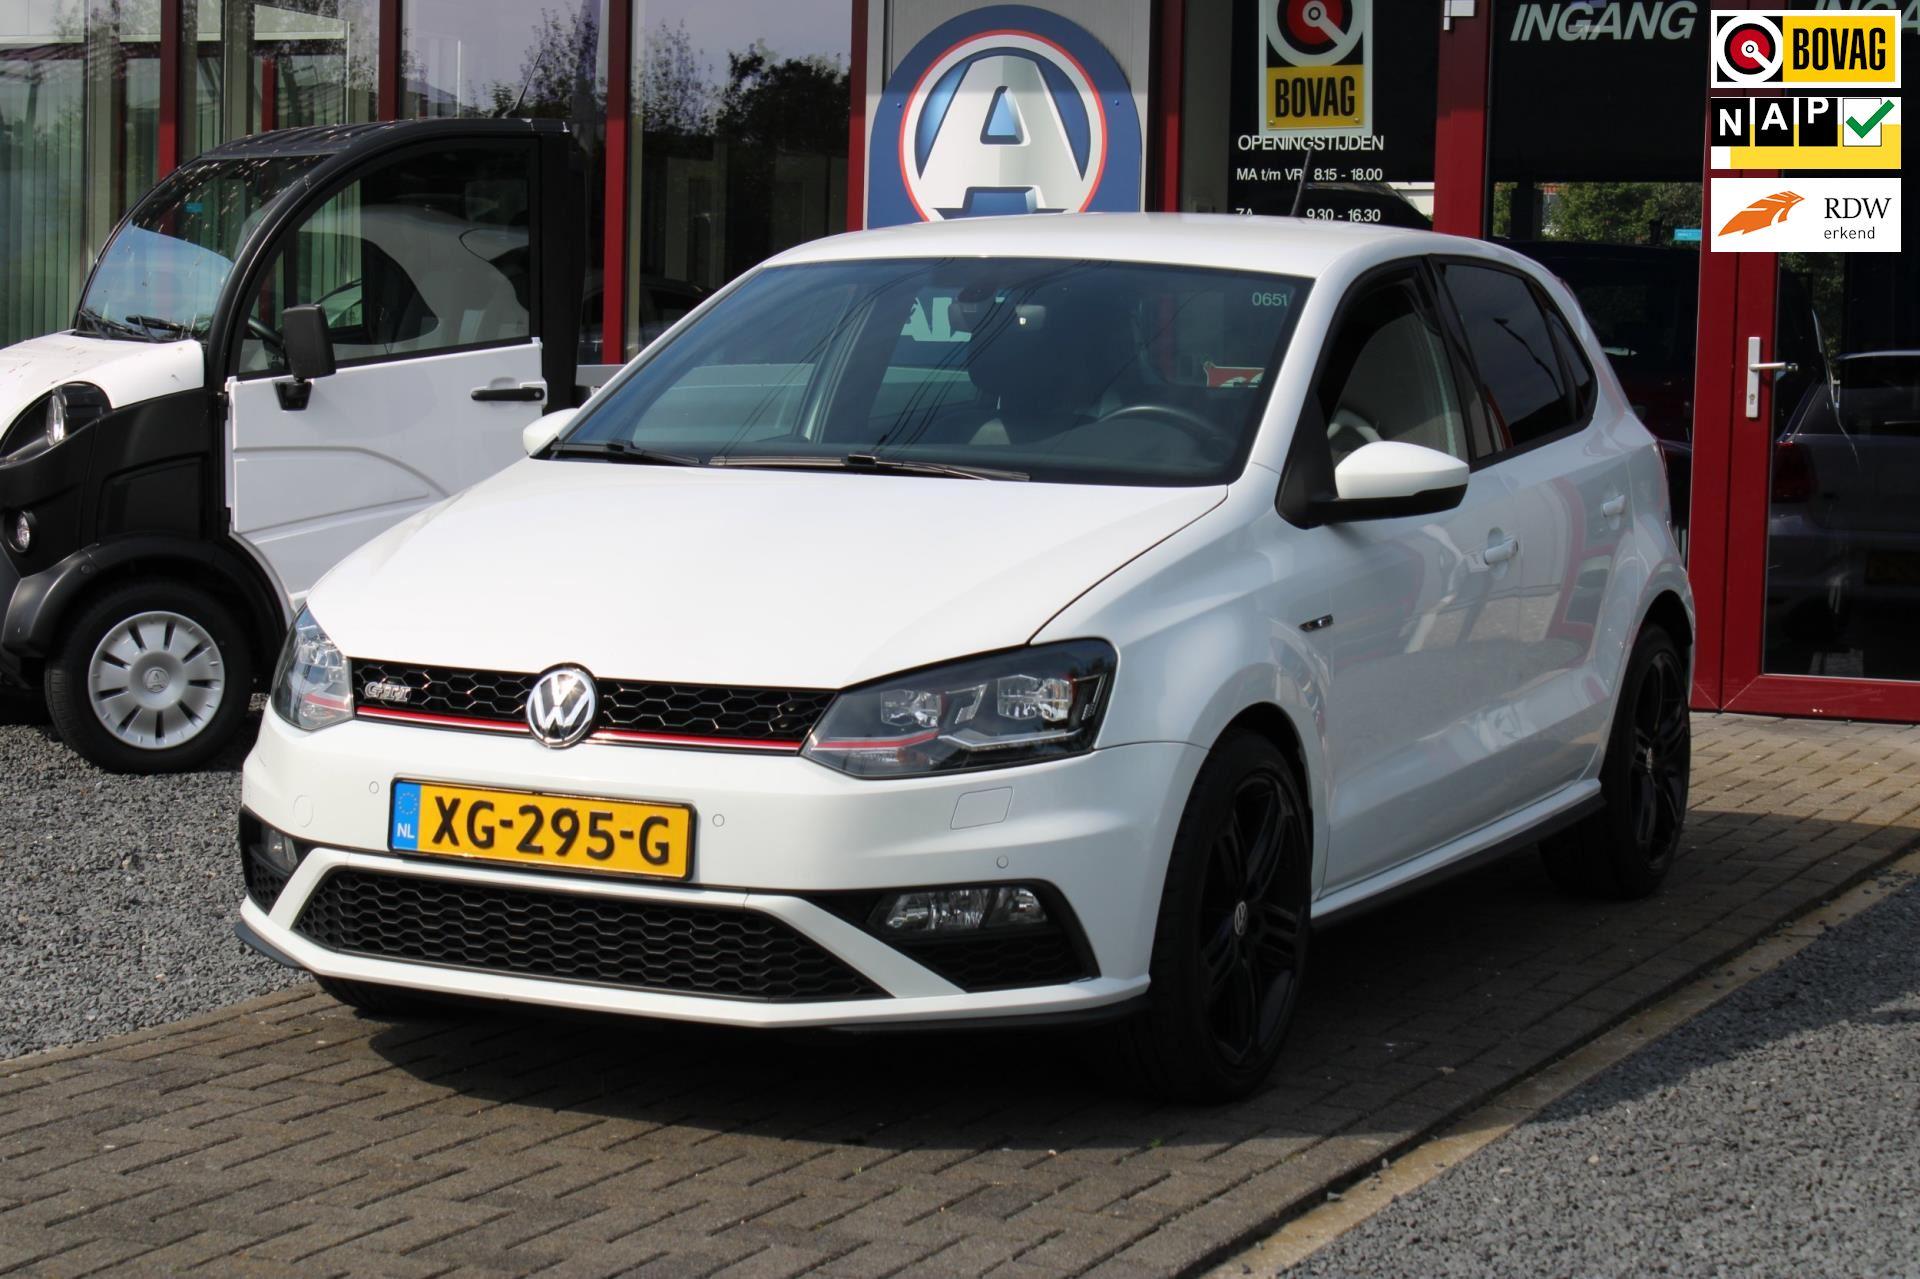 Volkswagen Polo occasion - Autobedrijf Ton Wilbrink